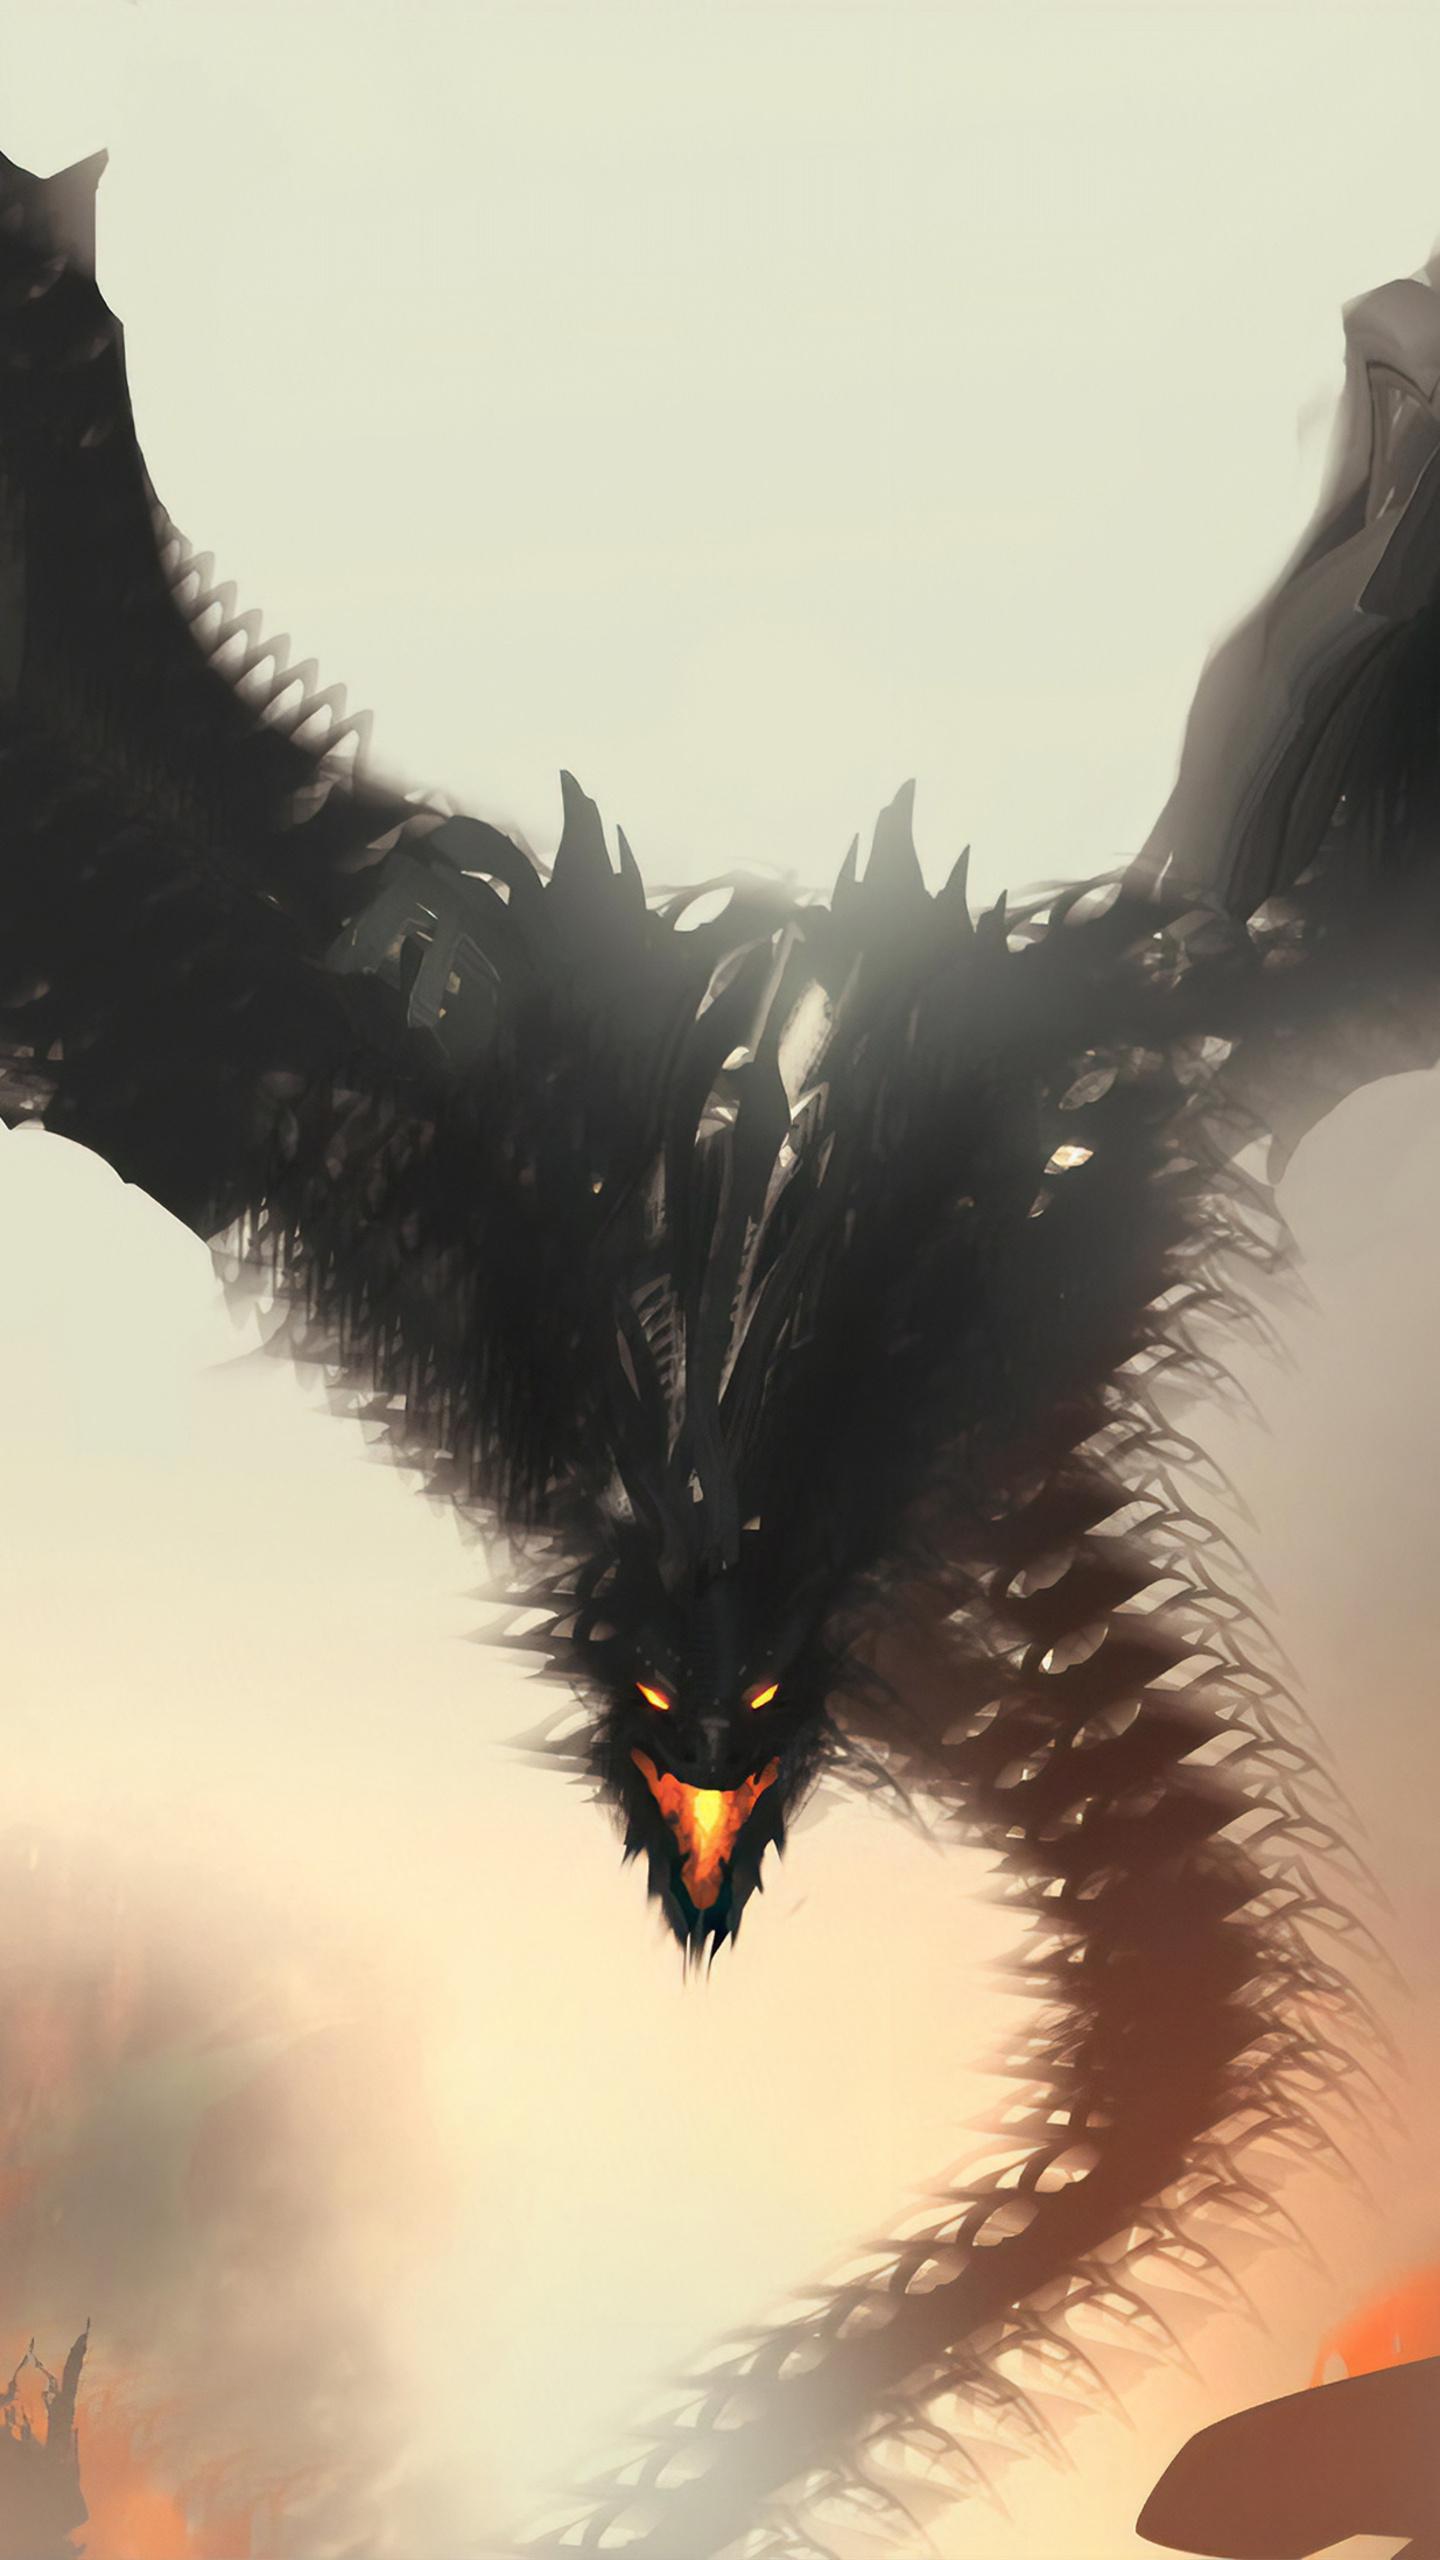 dragon-days-4k-ng.jpg